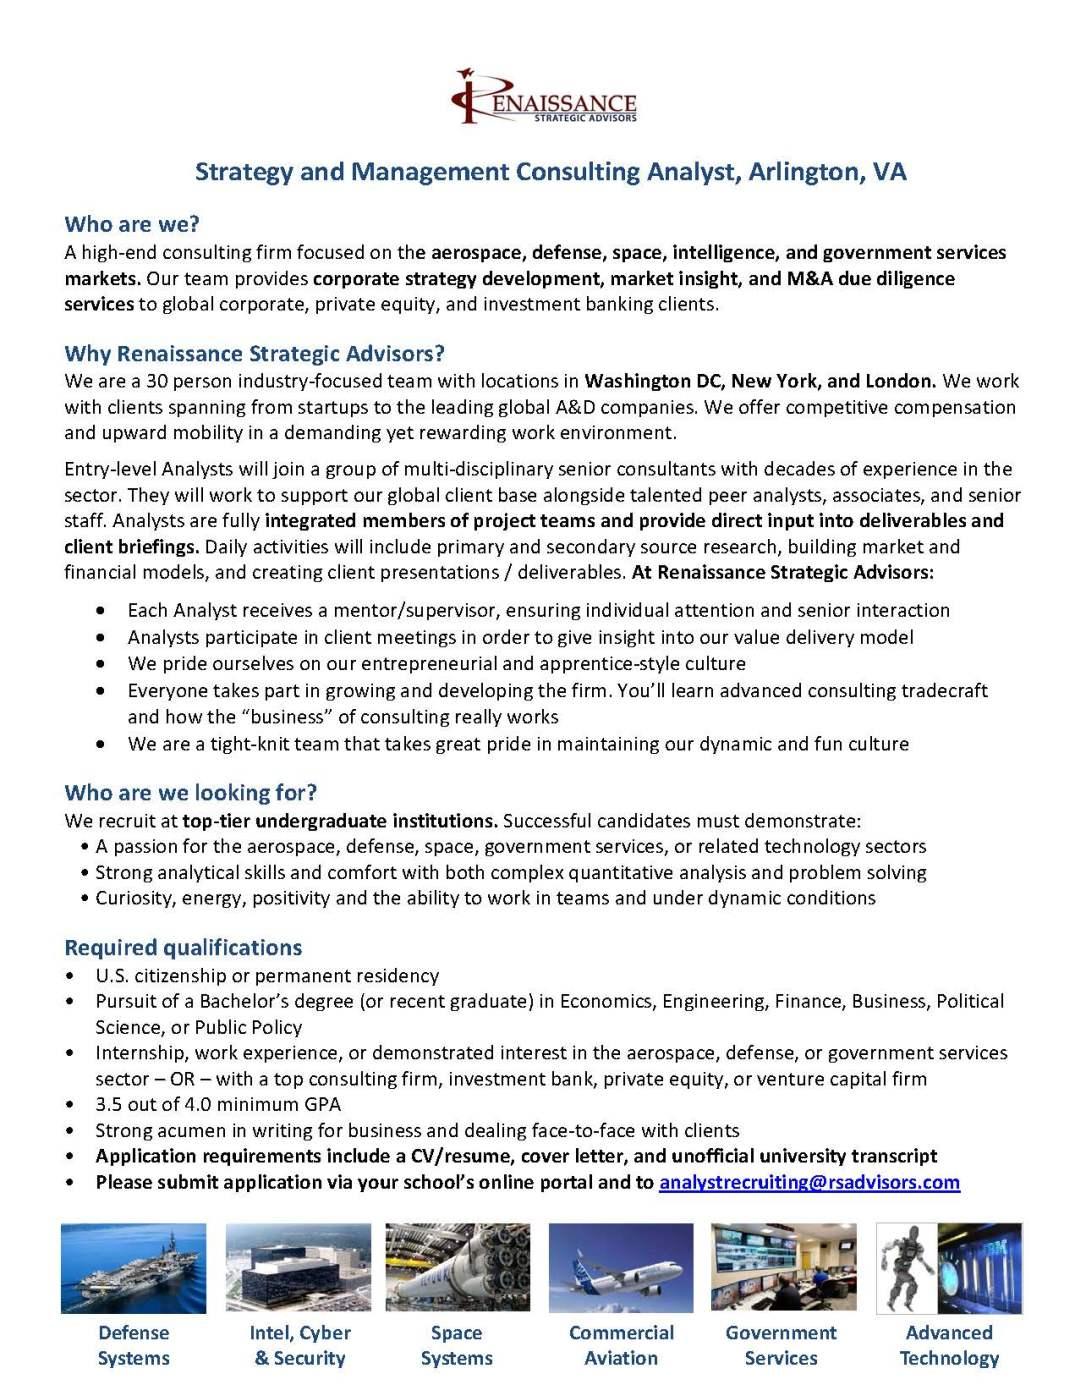 RSAdvisors Analyst Position Description - August 2018 FT.jpg